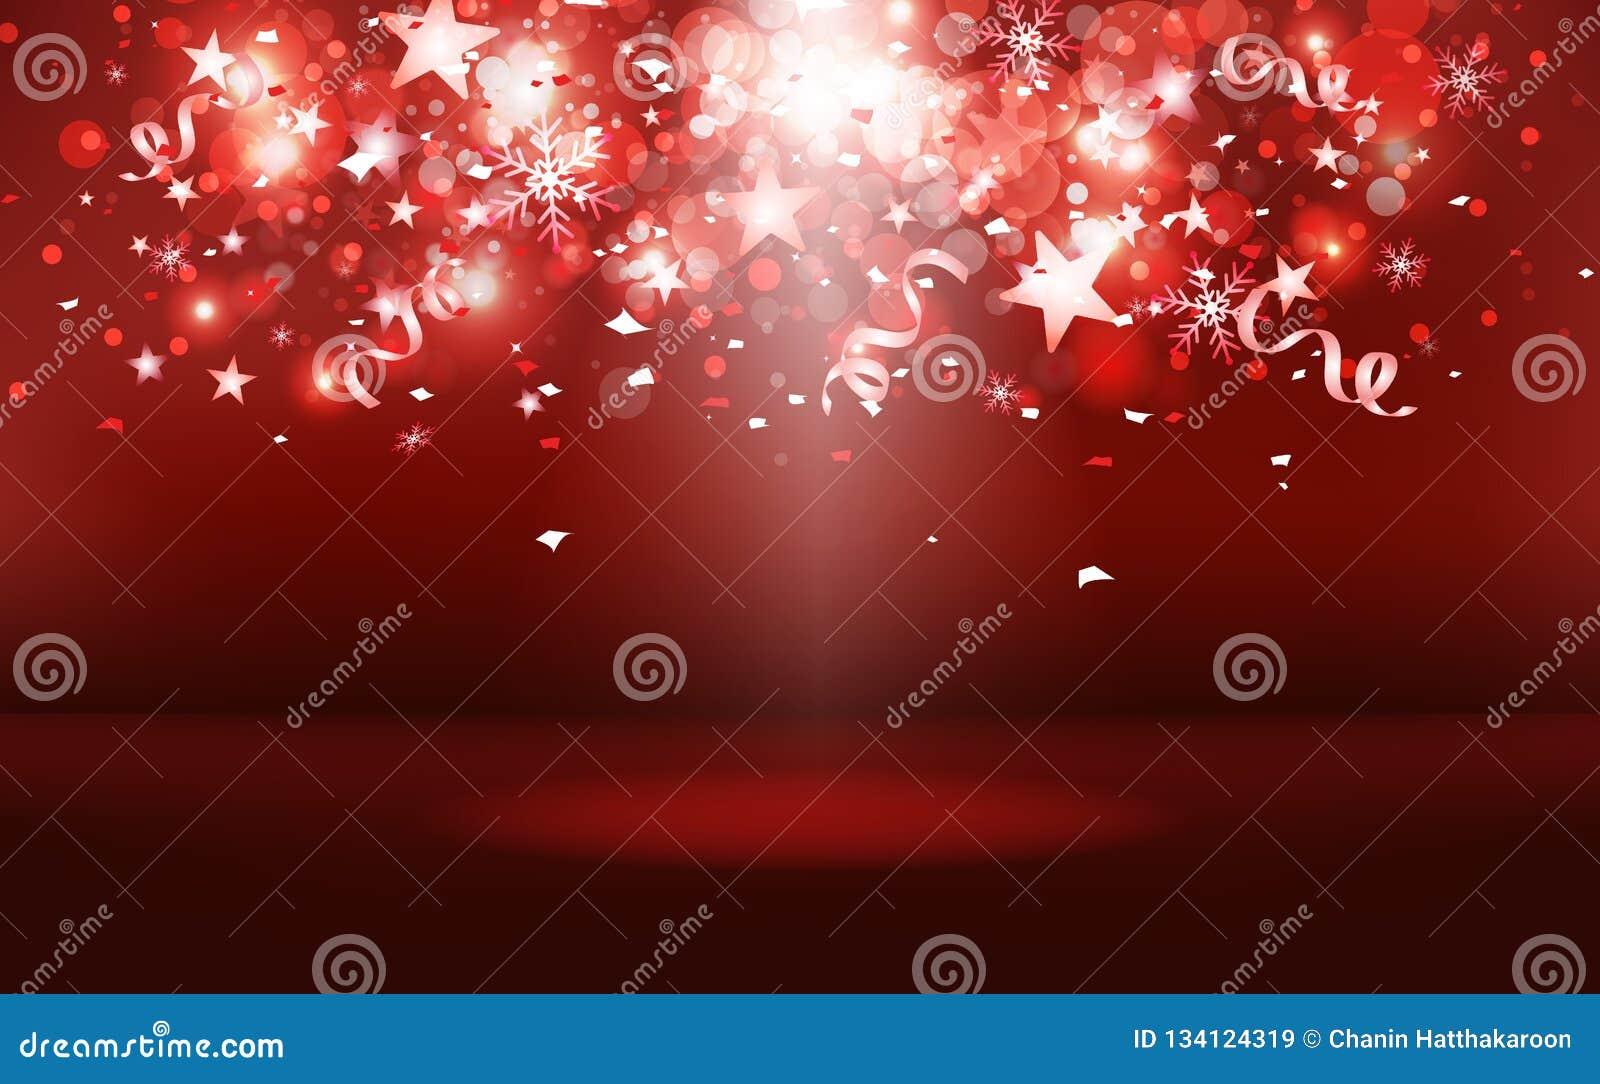 Las estrellas fugaces rojas de la etapa que caen con el confeti de papel celebran, los copos de nieve y polvo, festival brillante